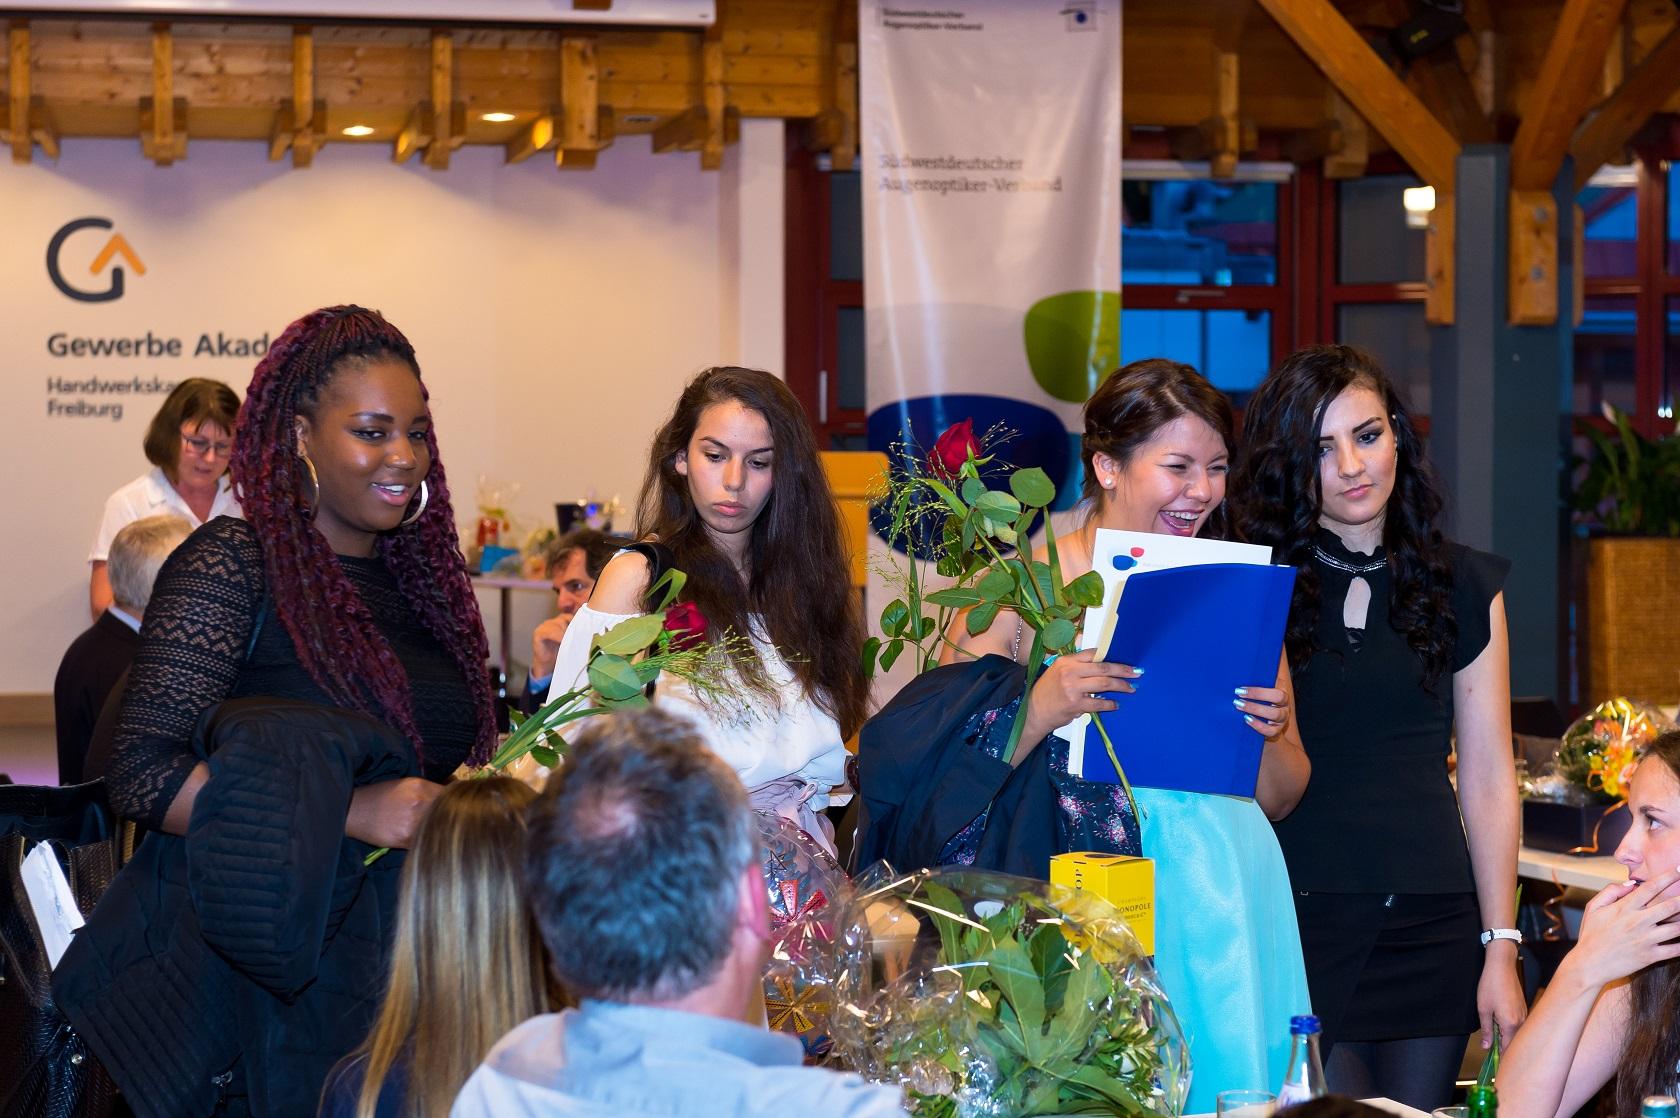 Freisprechungsfeier Freiburg 2017 Gesellenbriefe bringen Freude